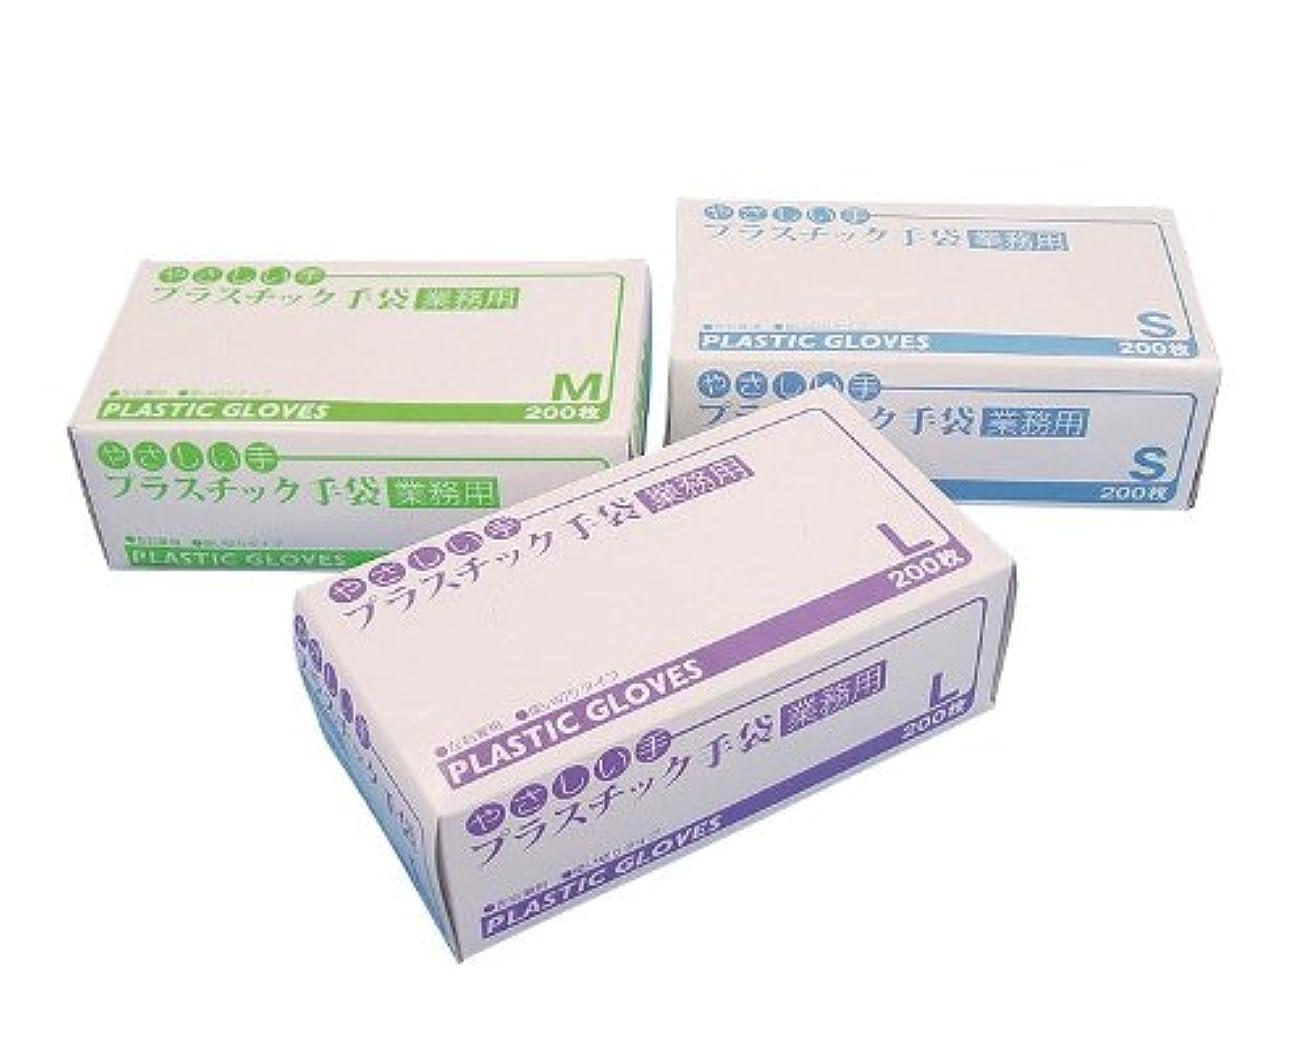 保証葡萄スキムやさしい手 プラスチック手袋 業務用 OM-460 200枚入/Sサイズ